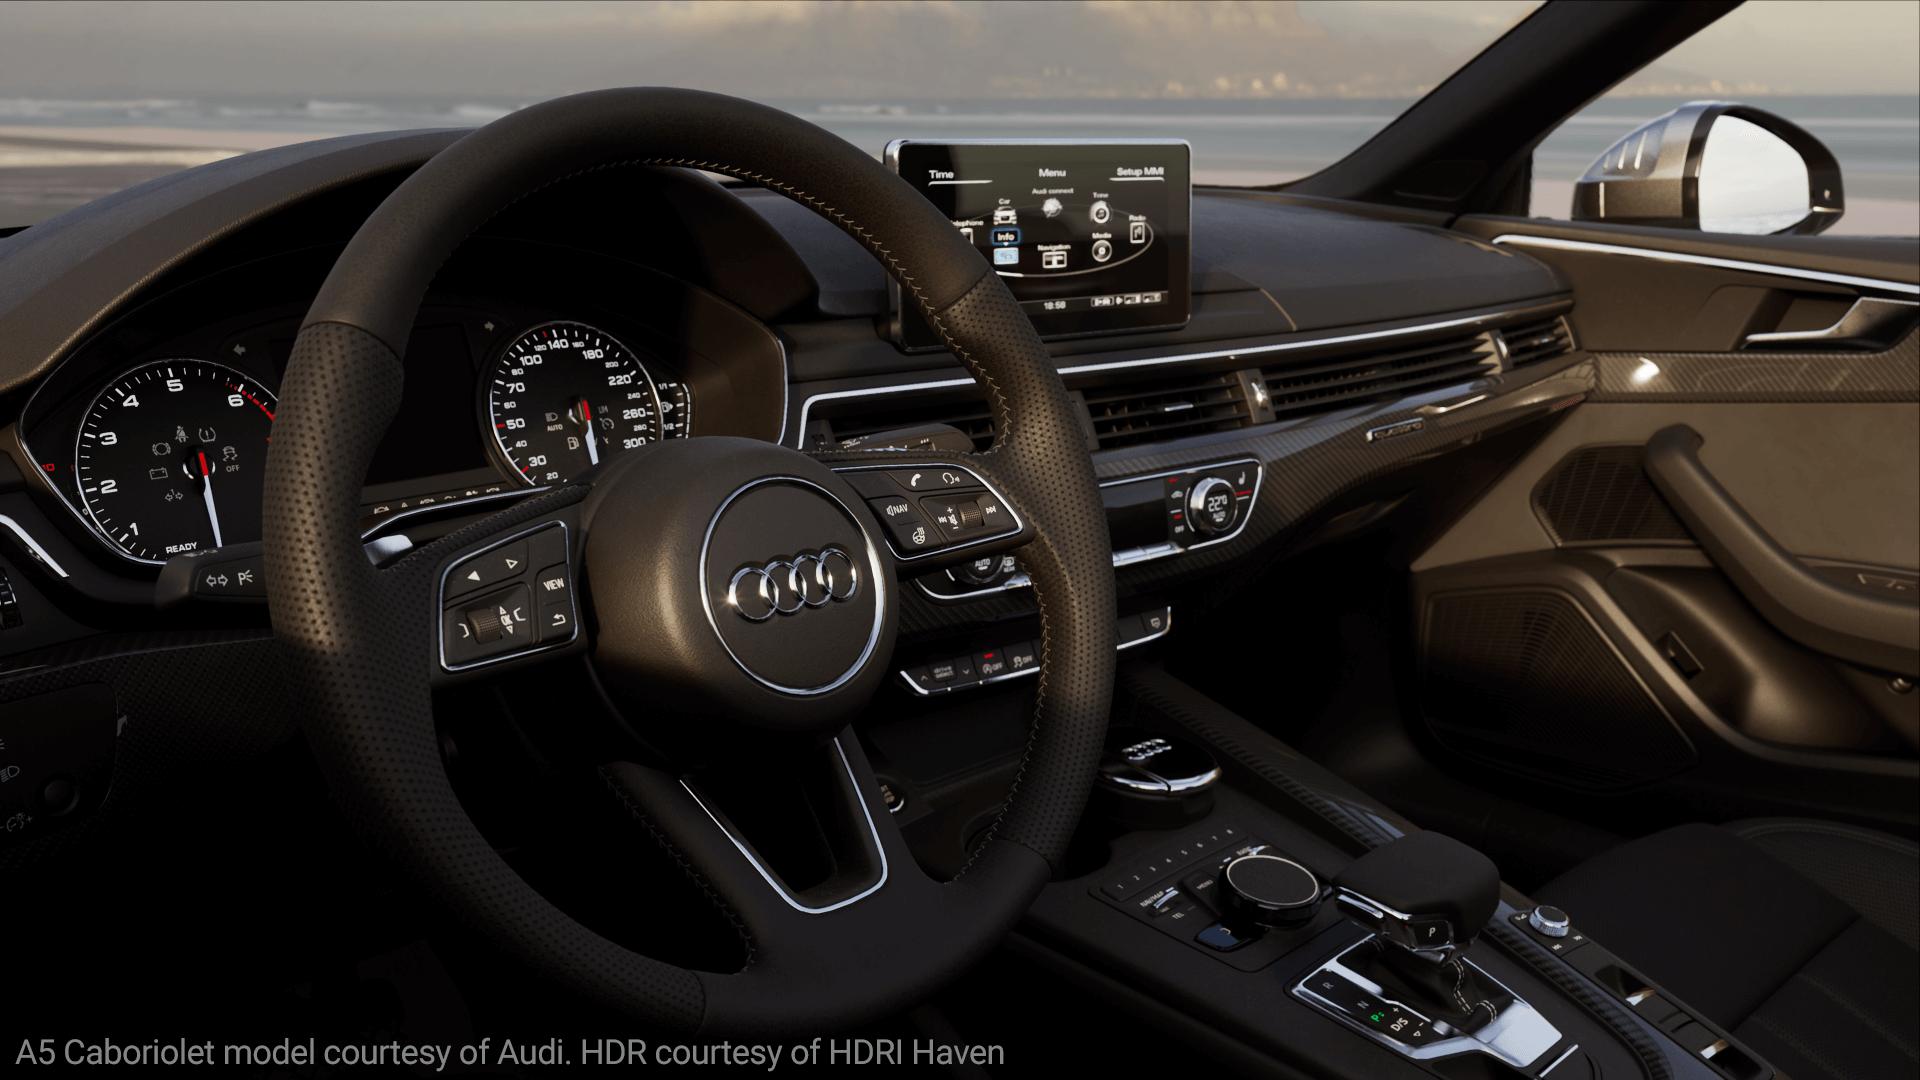 interior_5_Audi_HDR_Credit.png